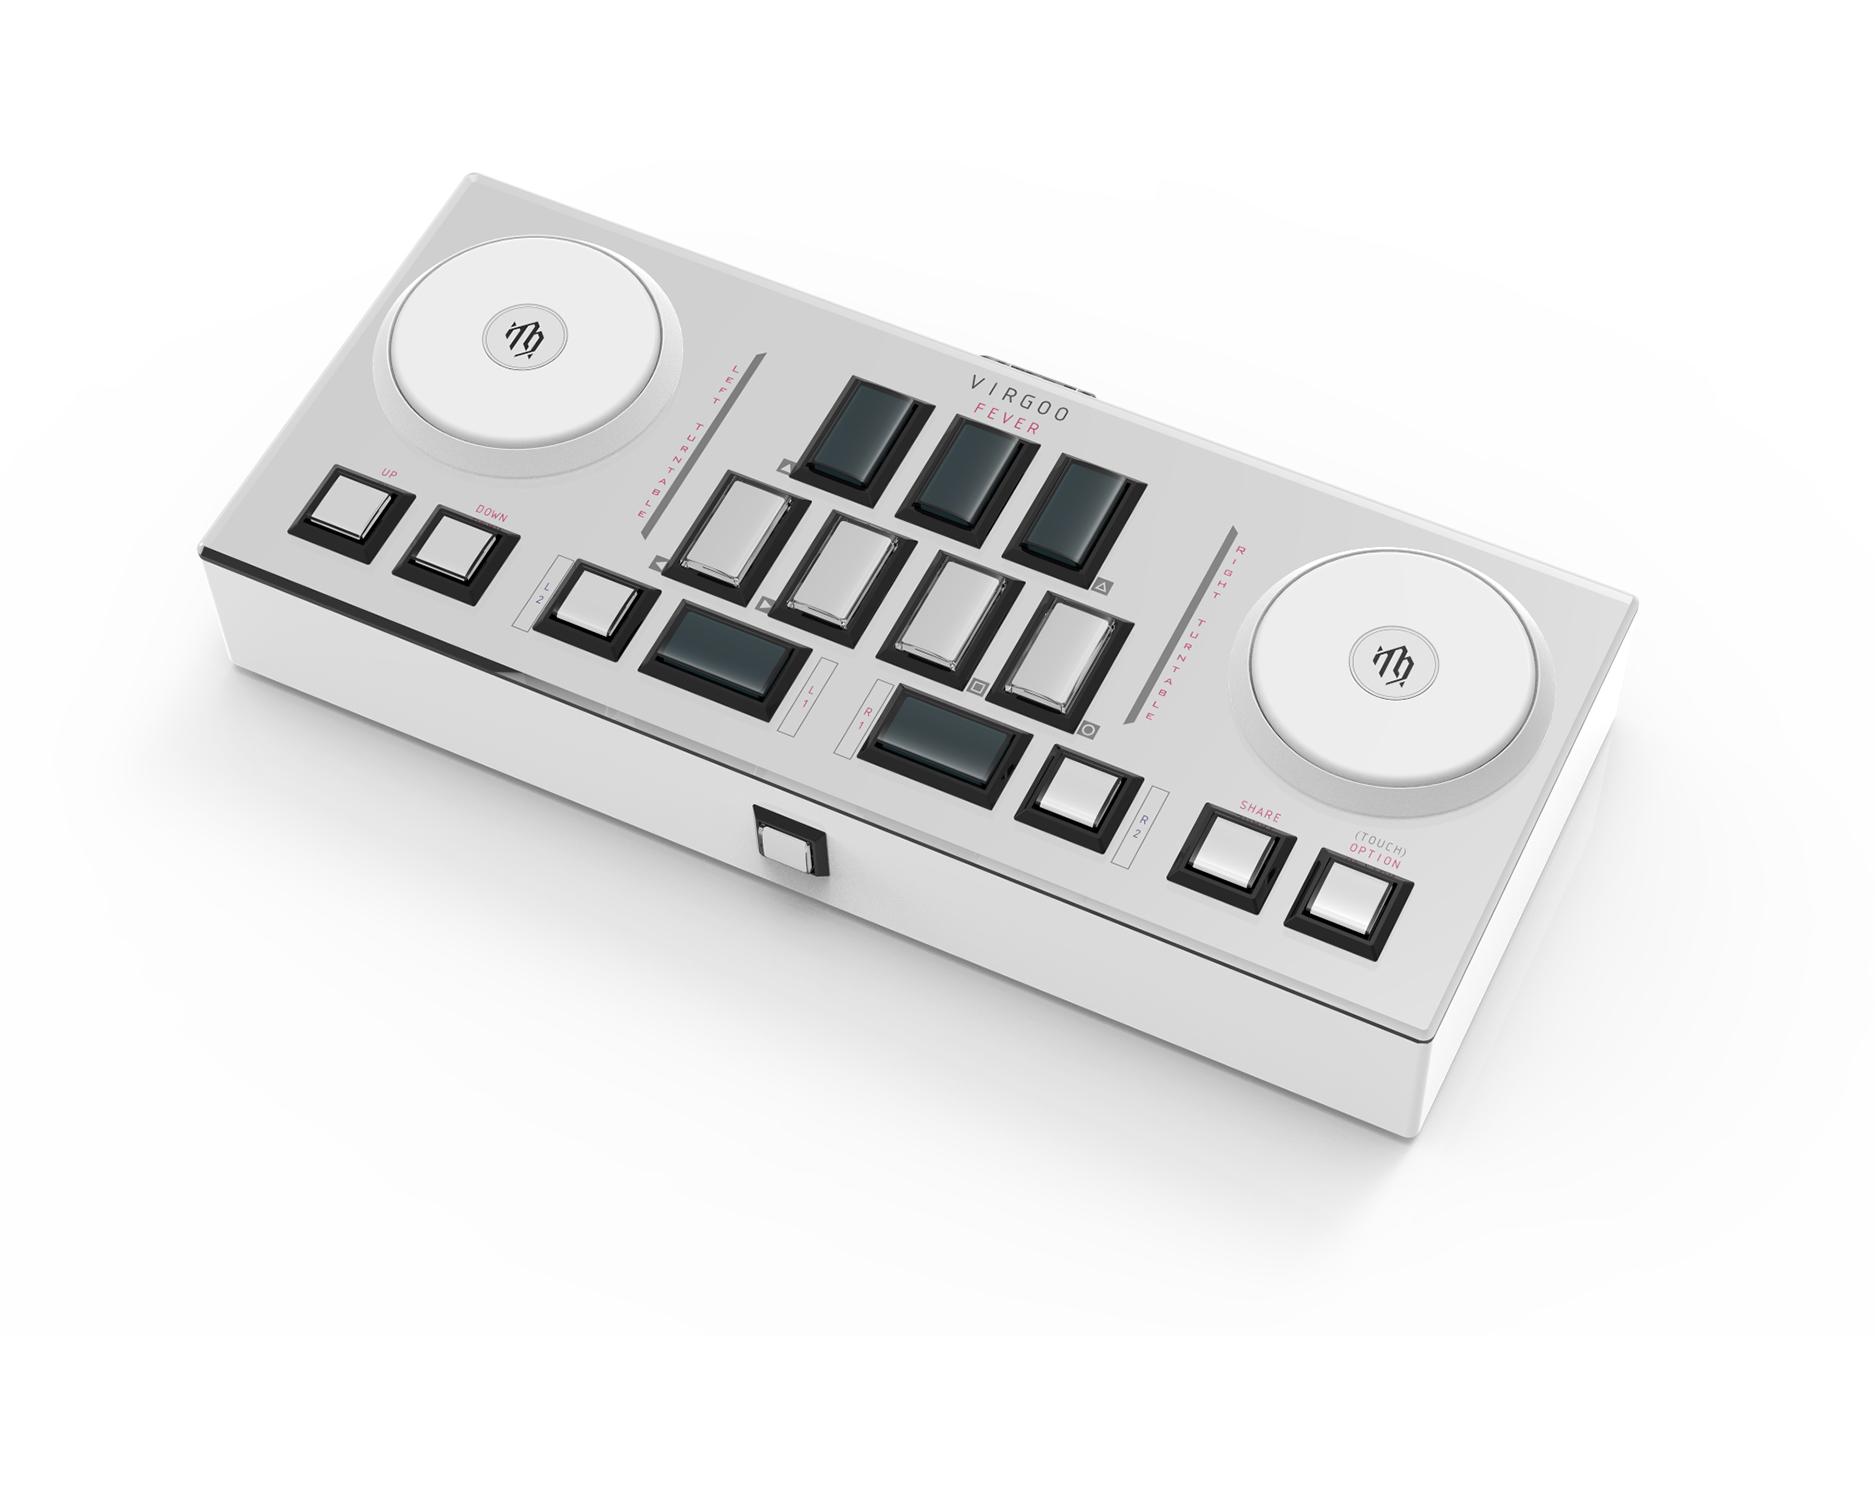 控制器第二版1.jpg